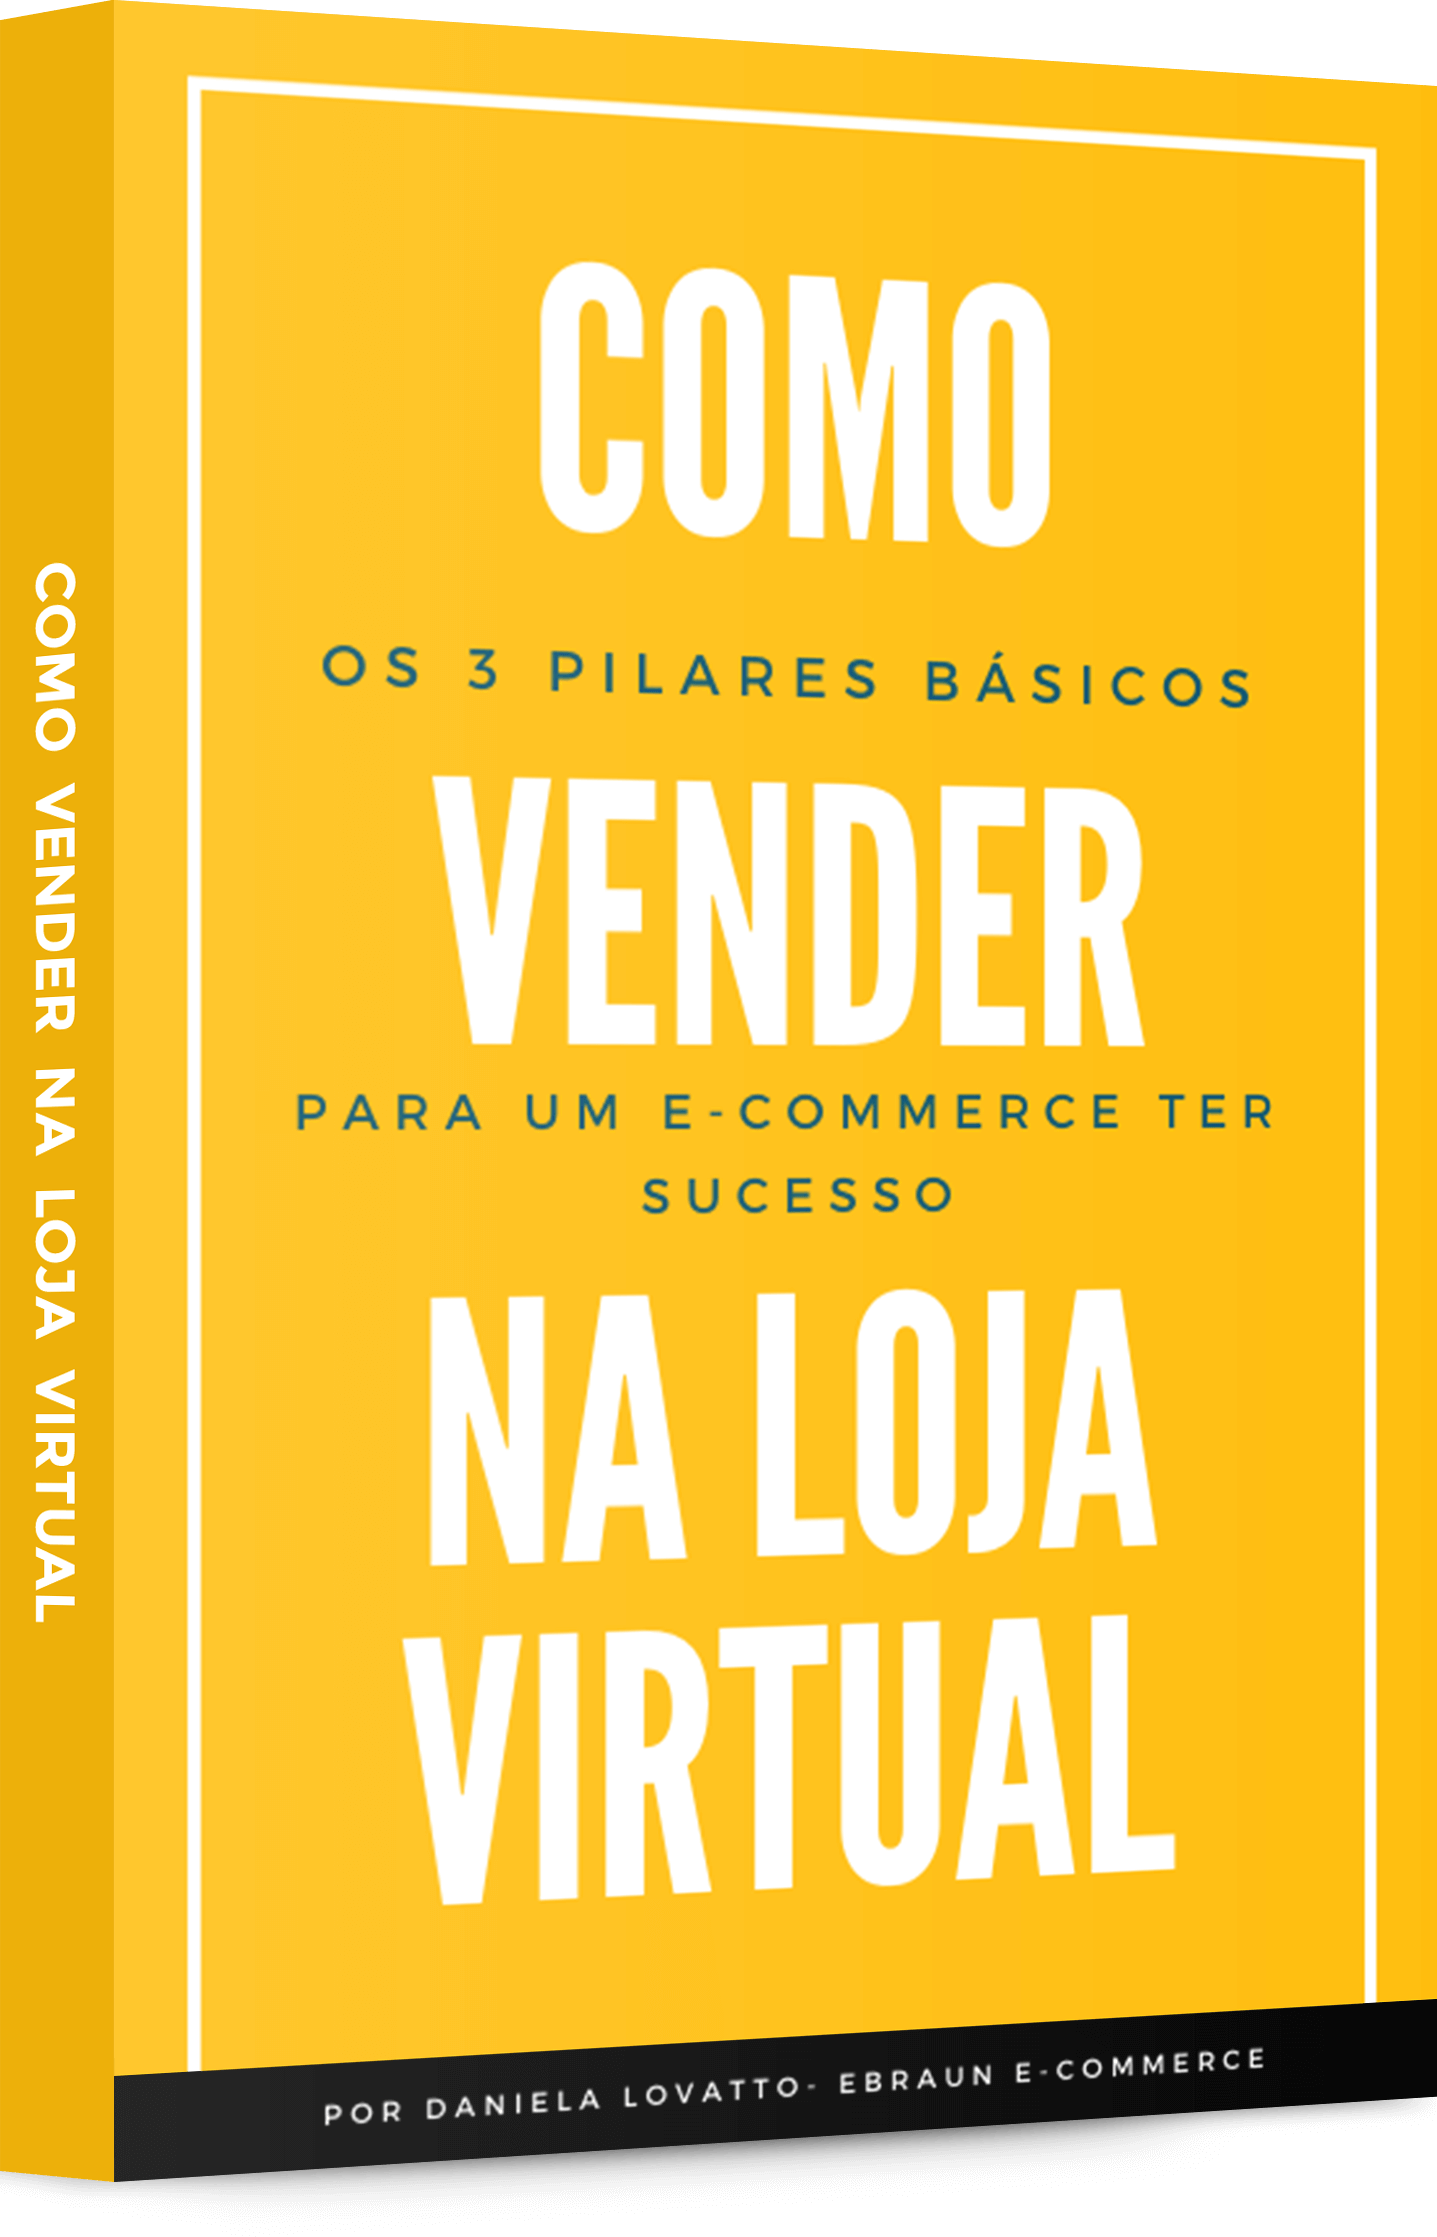 como vender na loja virtual